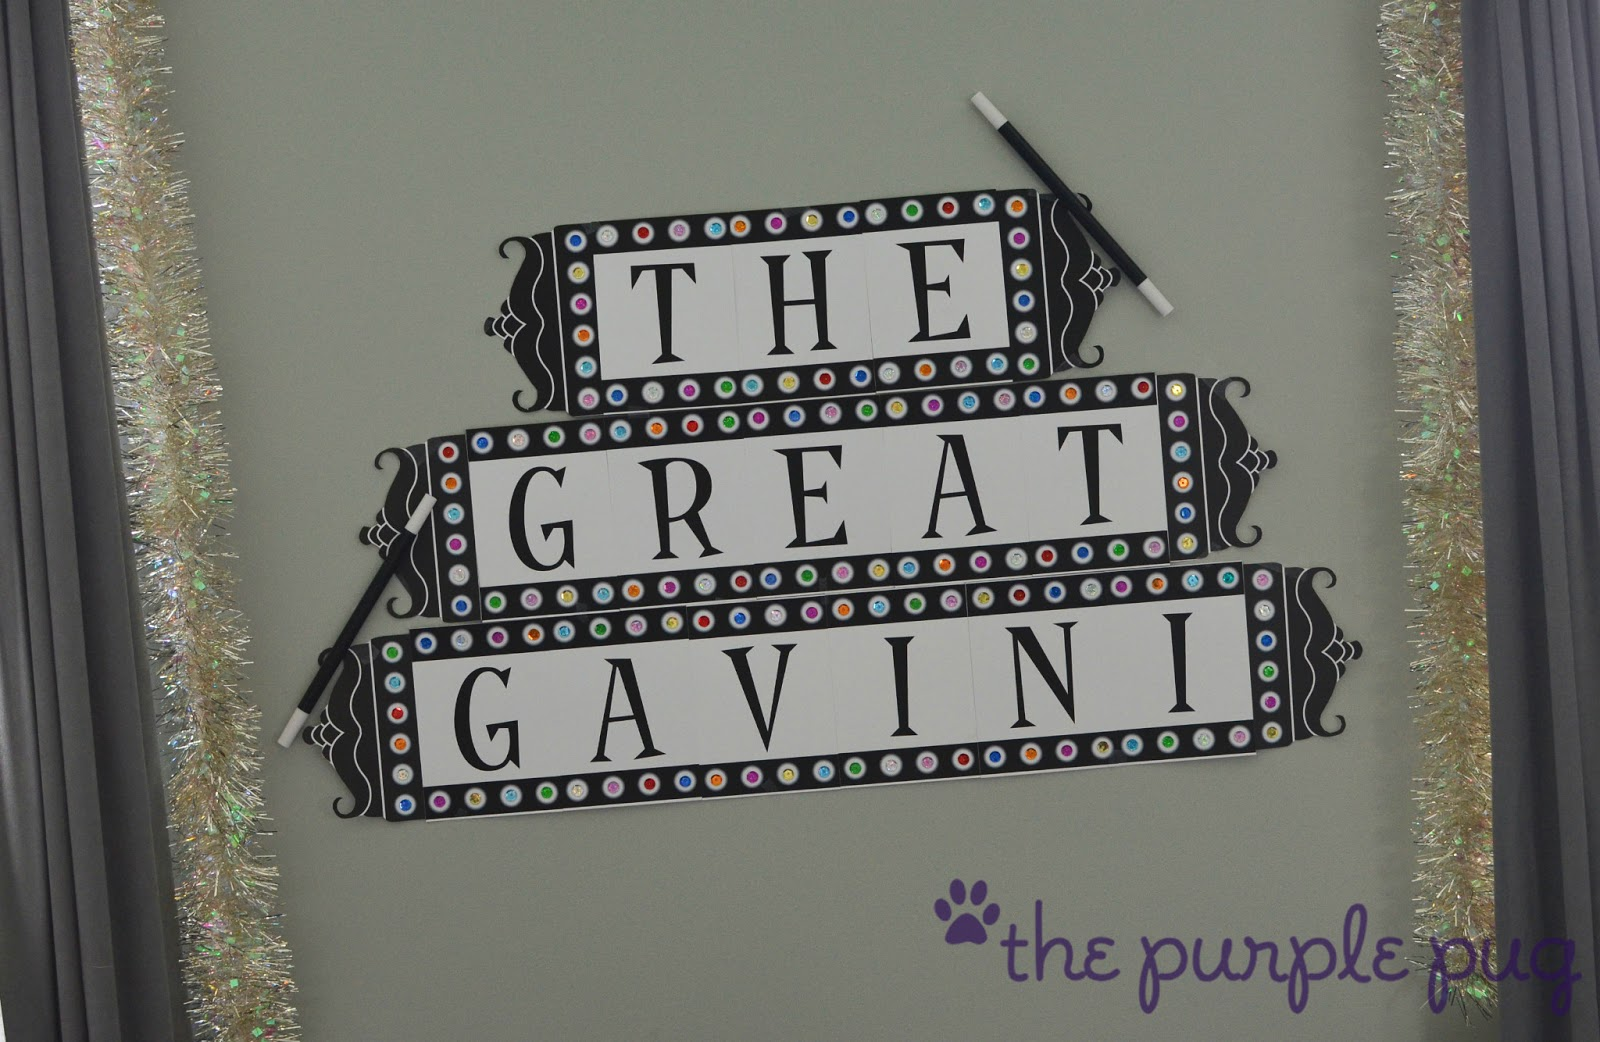 The Purple Pug: The Great Gavini's Magic Show - photo#13